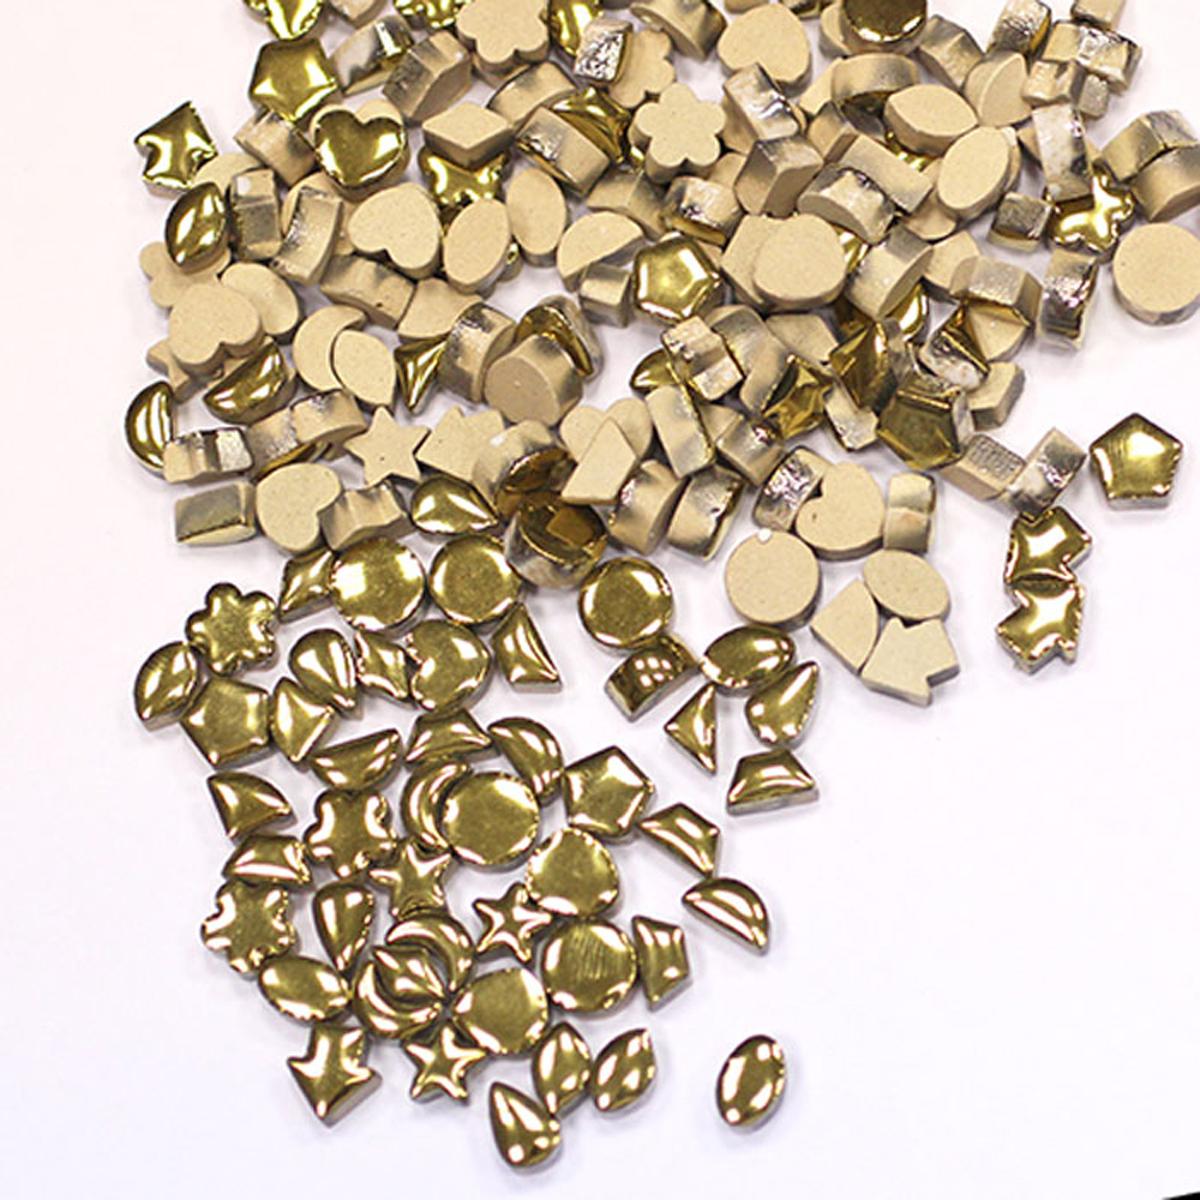 Мозаика керамическая Craft Premier с золотой глазурью, 1 х 1 см, 100 г  - купить со скидкой